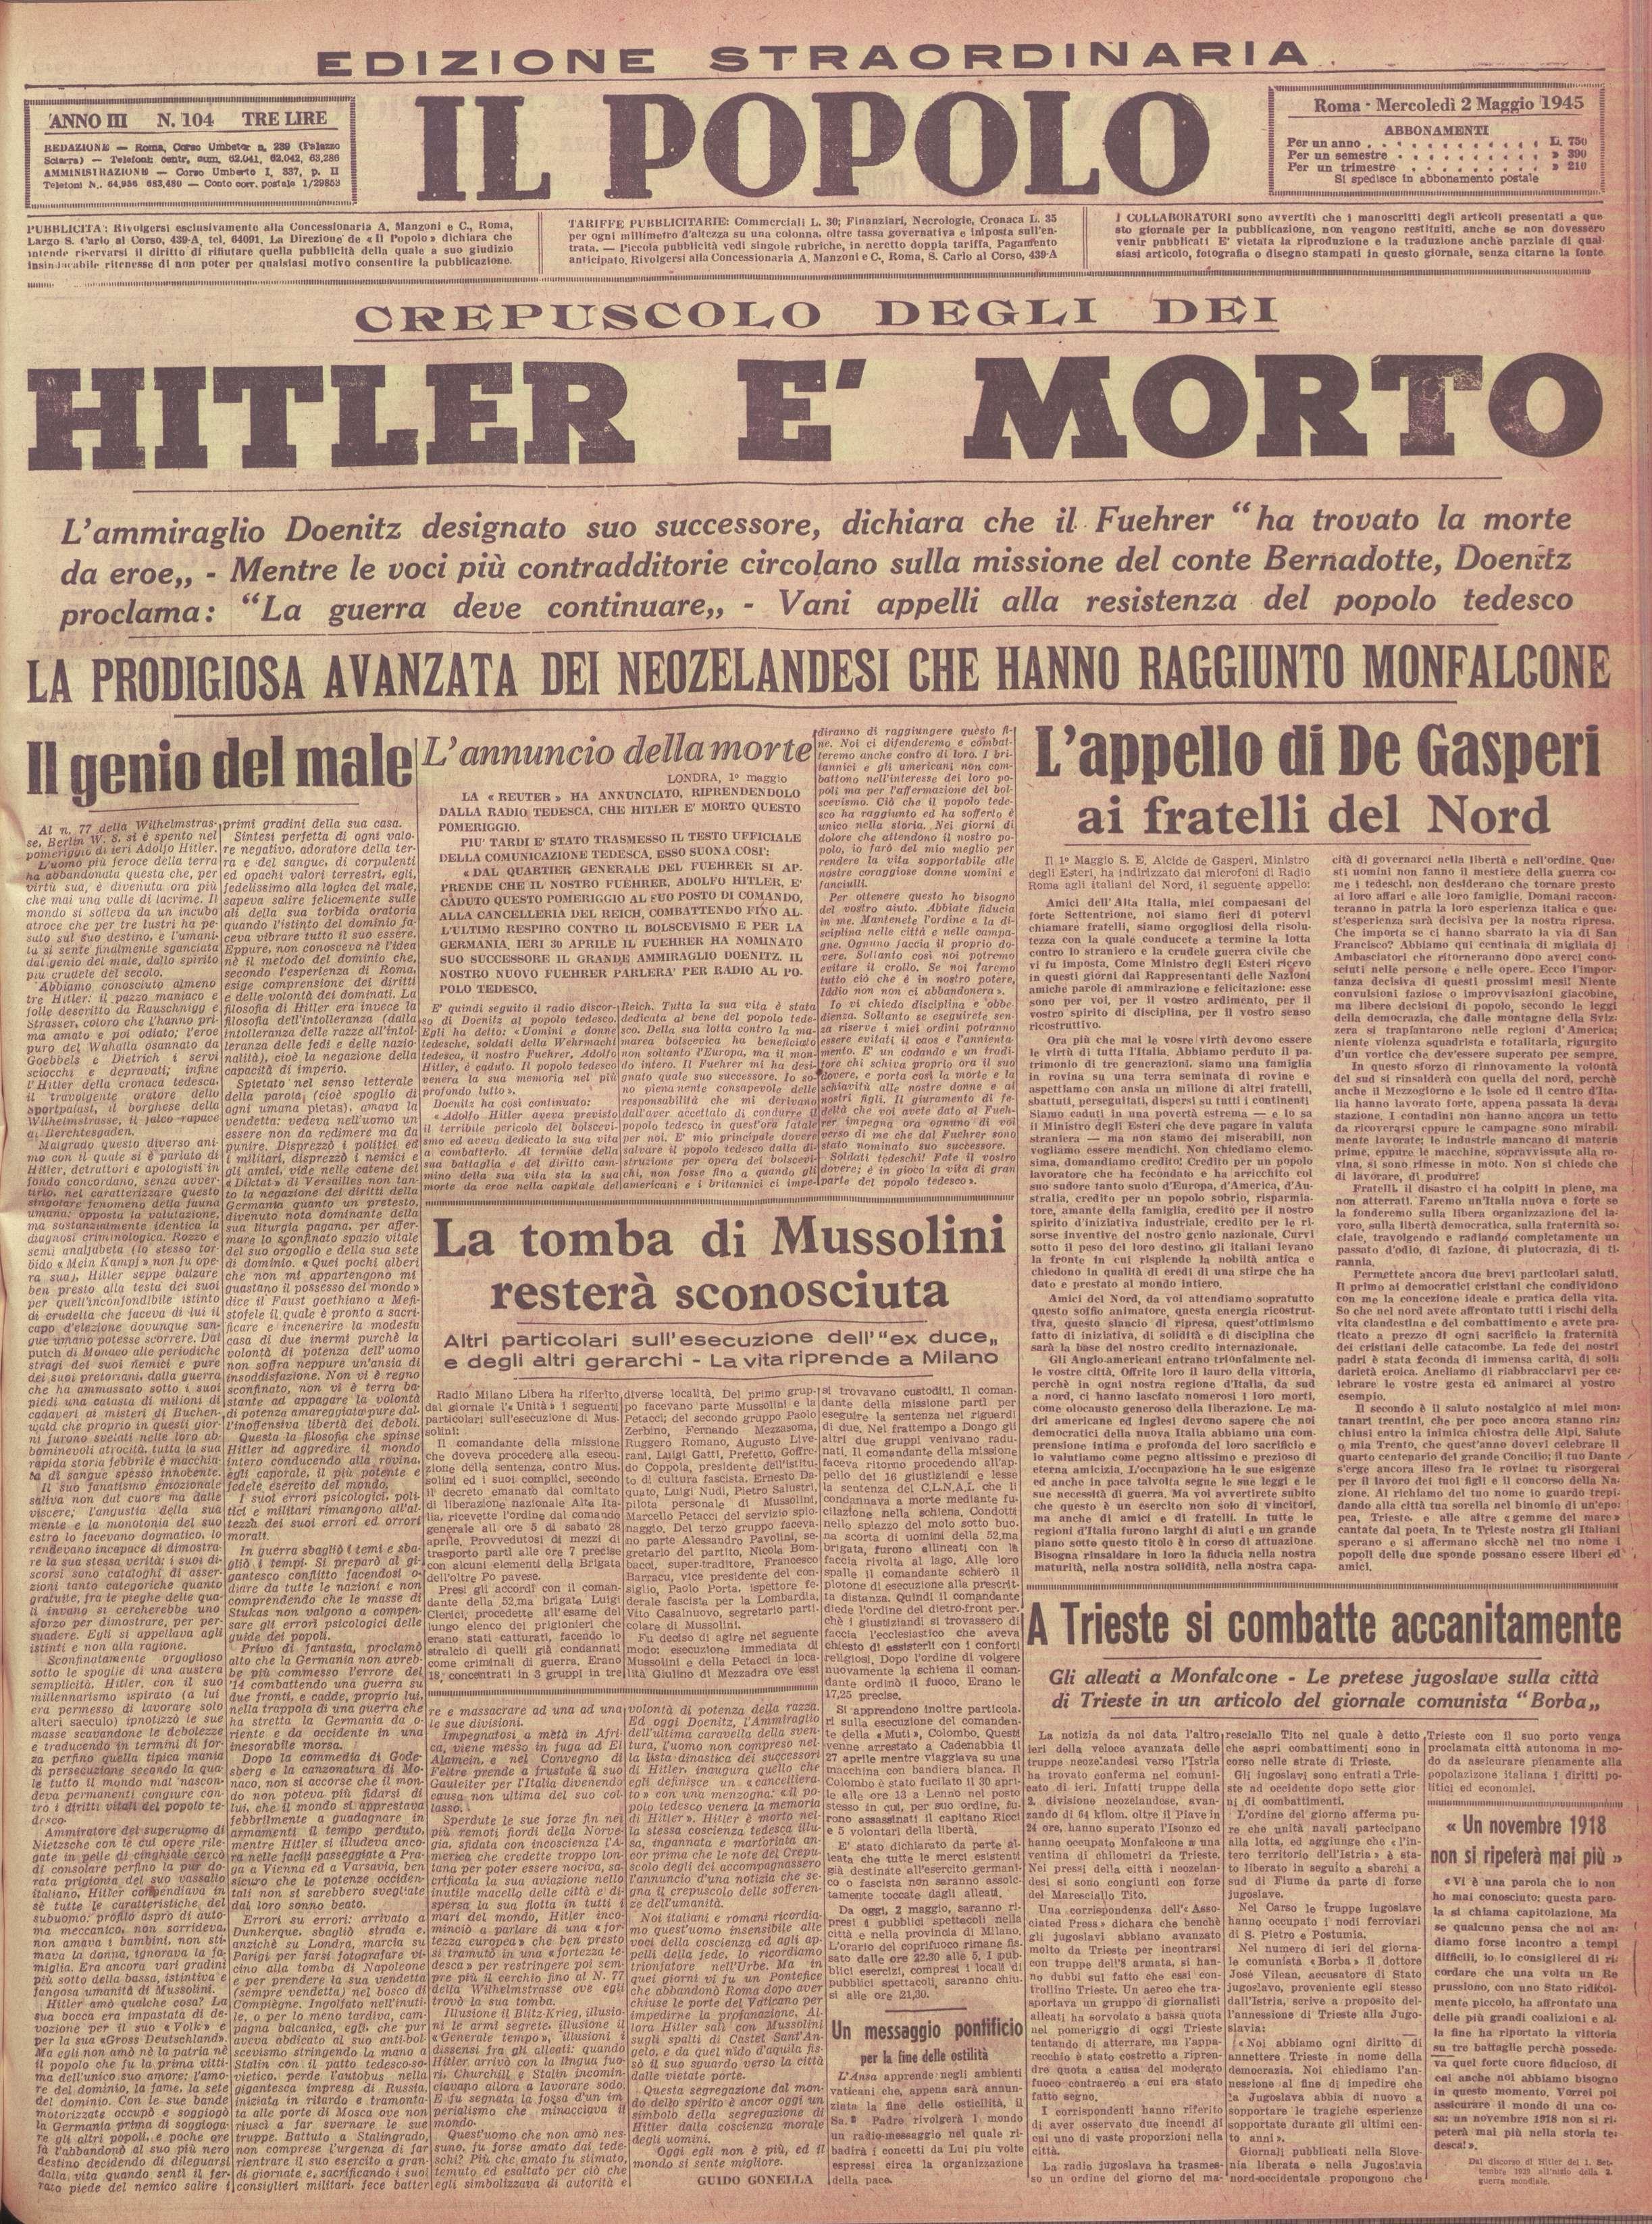 19450502_Il Popolo_appello De Gasperi fratelli del Nord